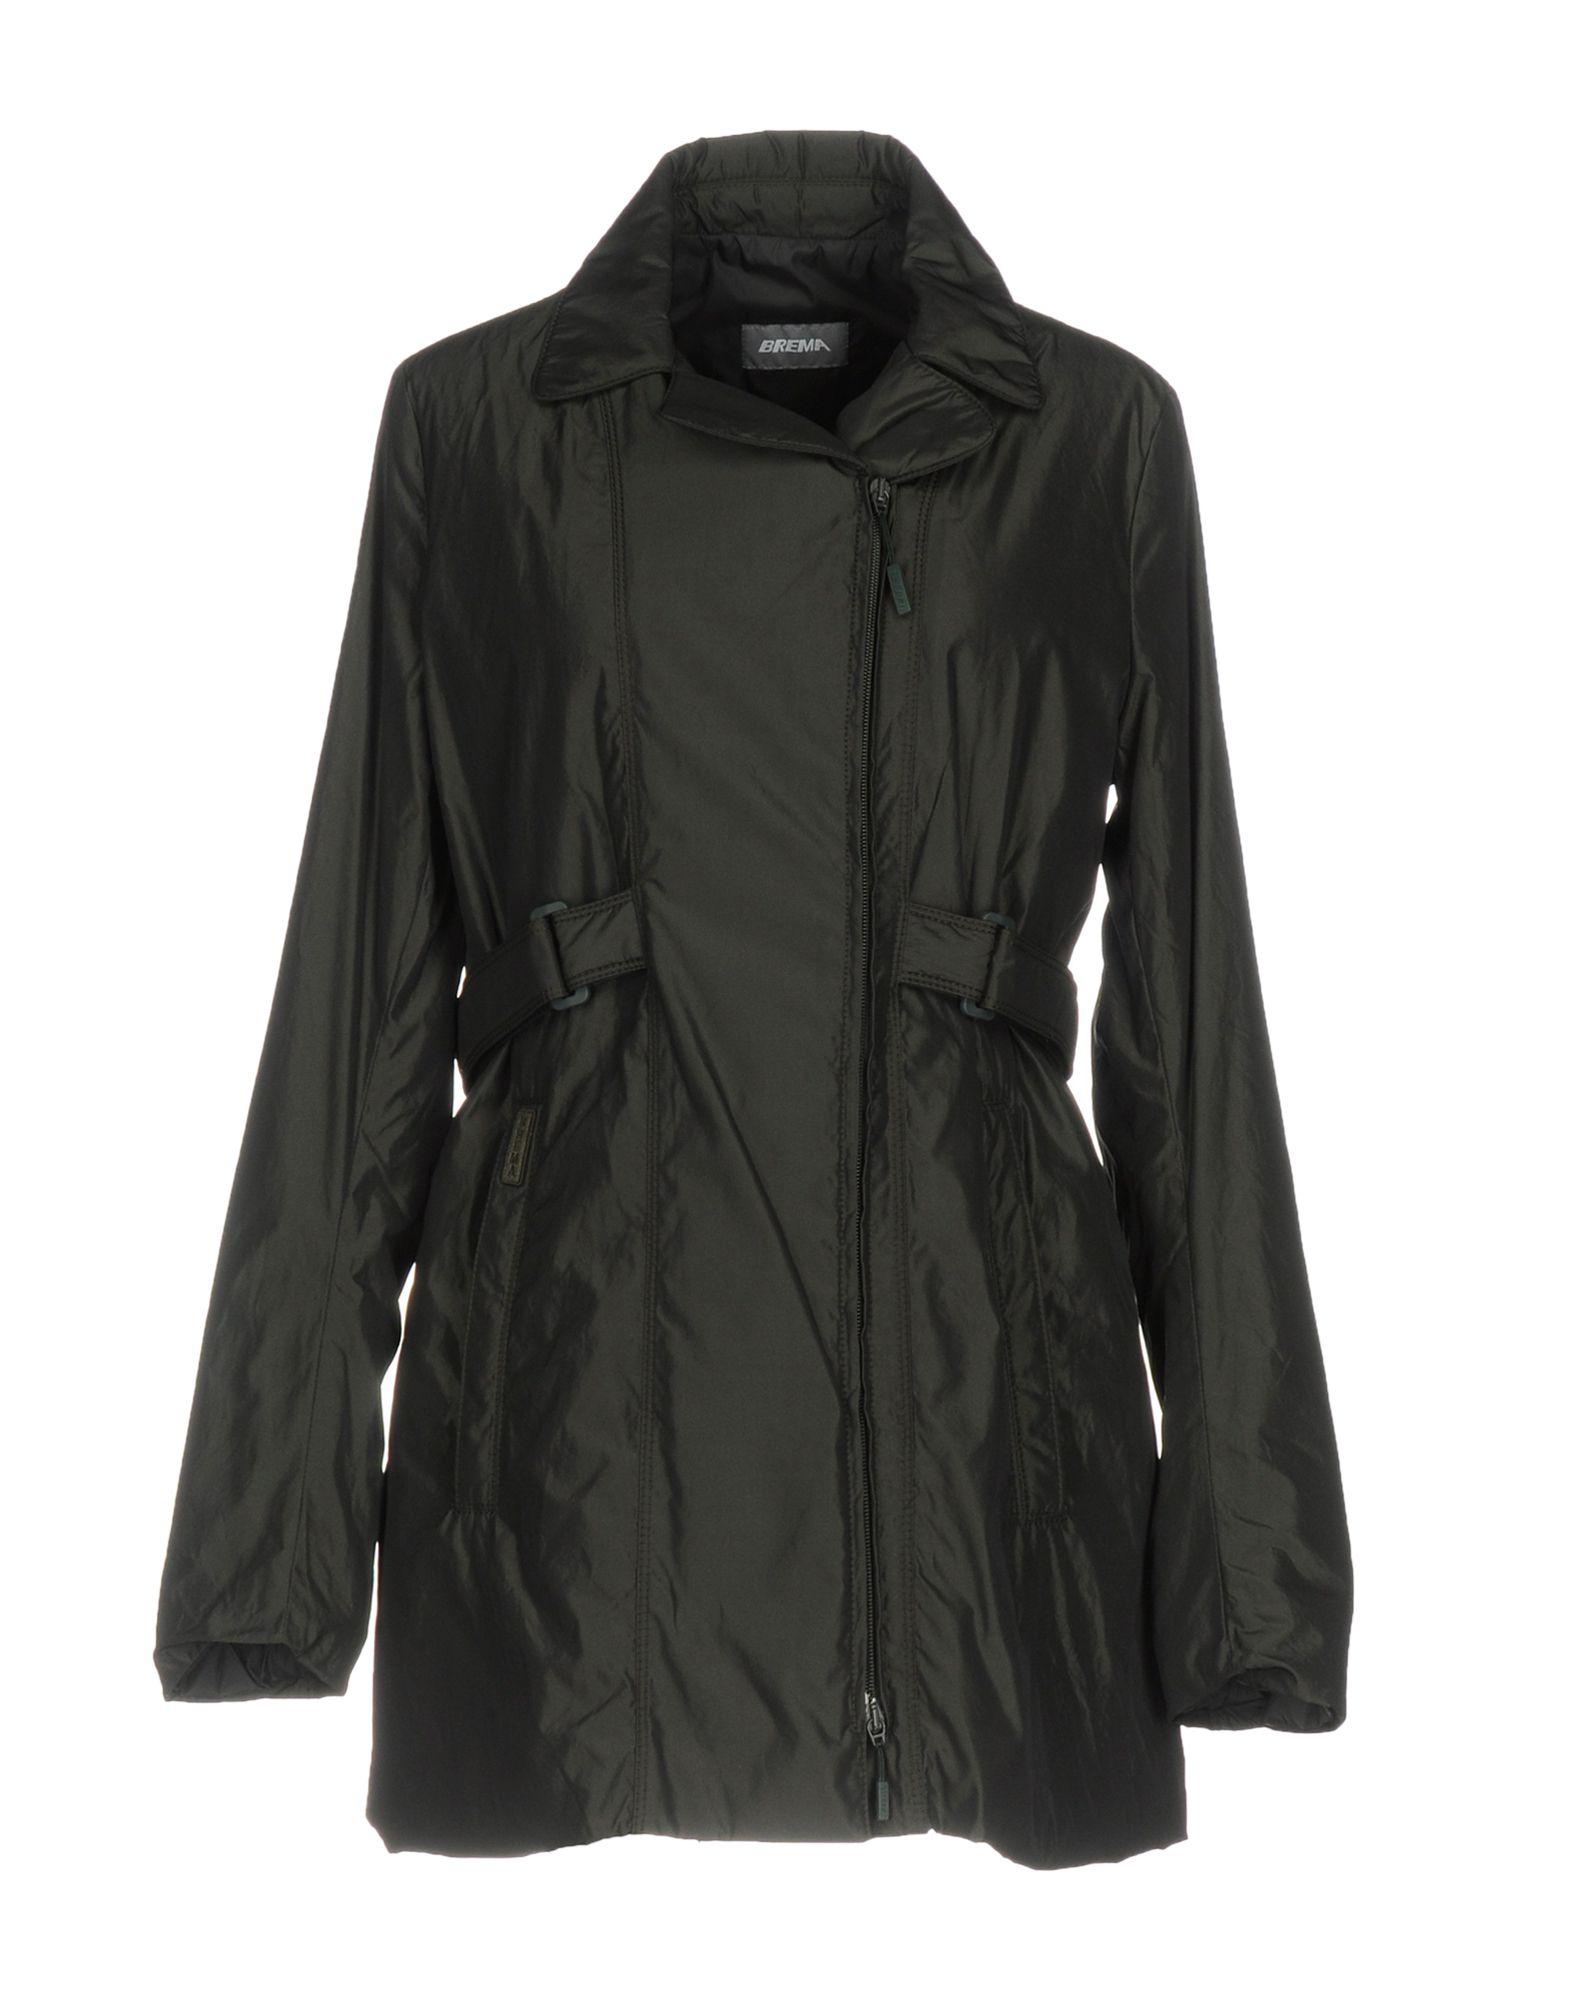 BREMA Damen Jacke Farbe Dunkelgrün Größe 4 jetztbilligerkaufen